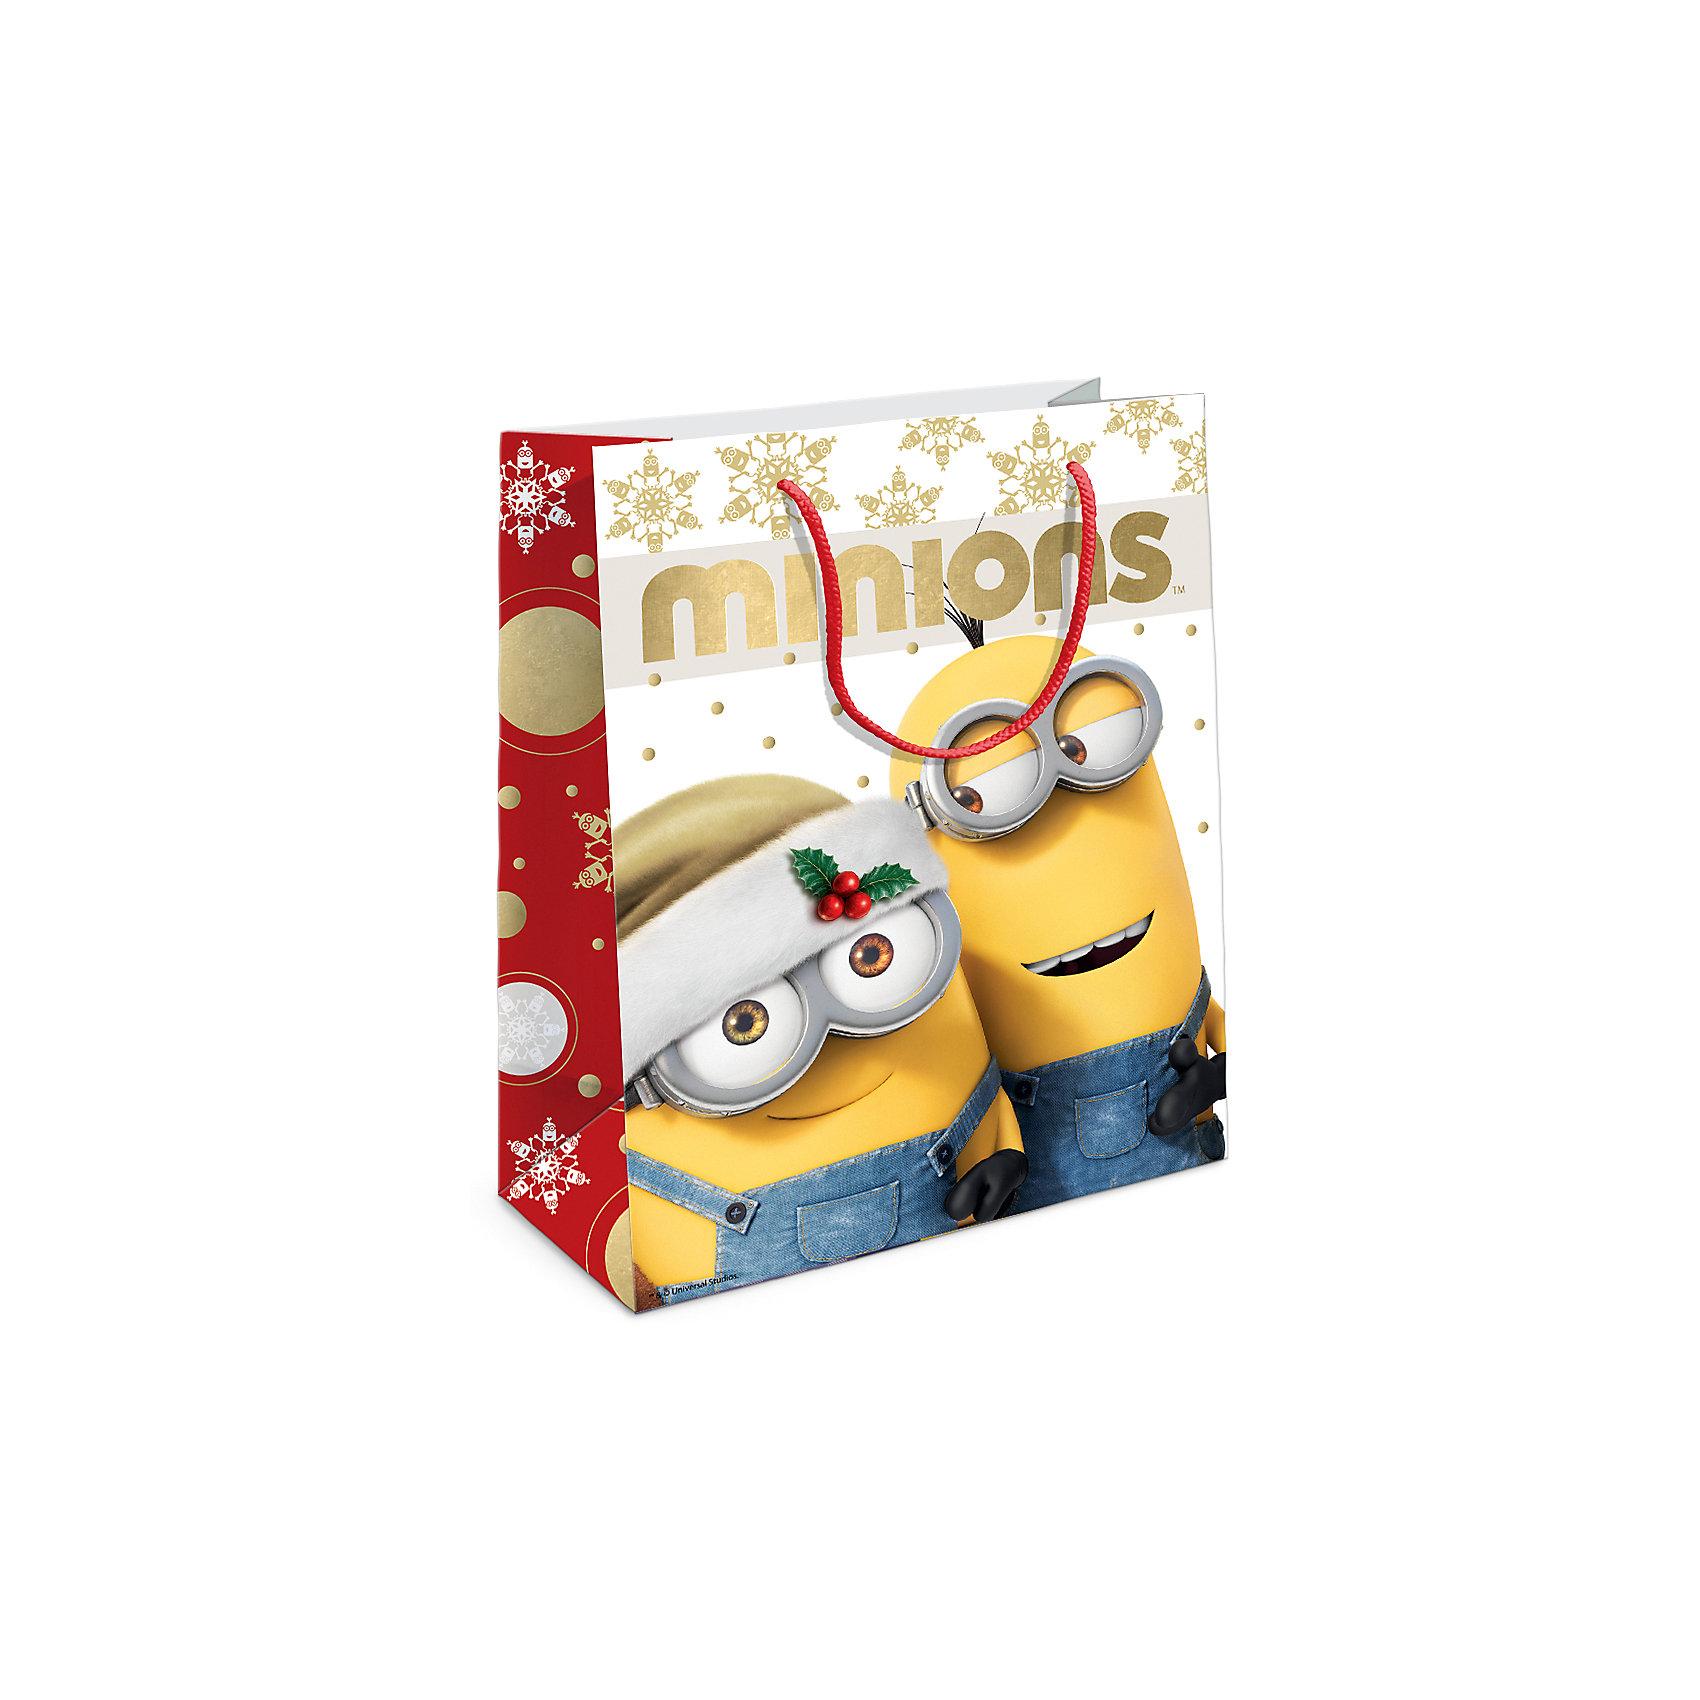 Росмэн Пакет подарочный Рождество Миньонов230*180*100 пакет подарочный росмэн пеппа и ёлка 230 180 100мм